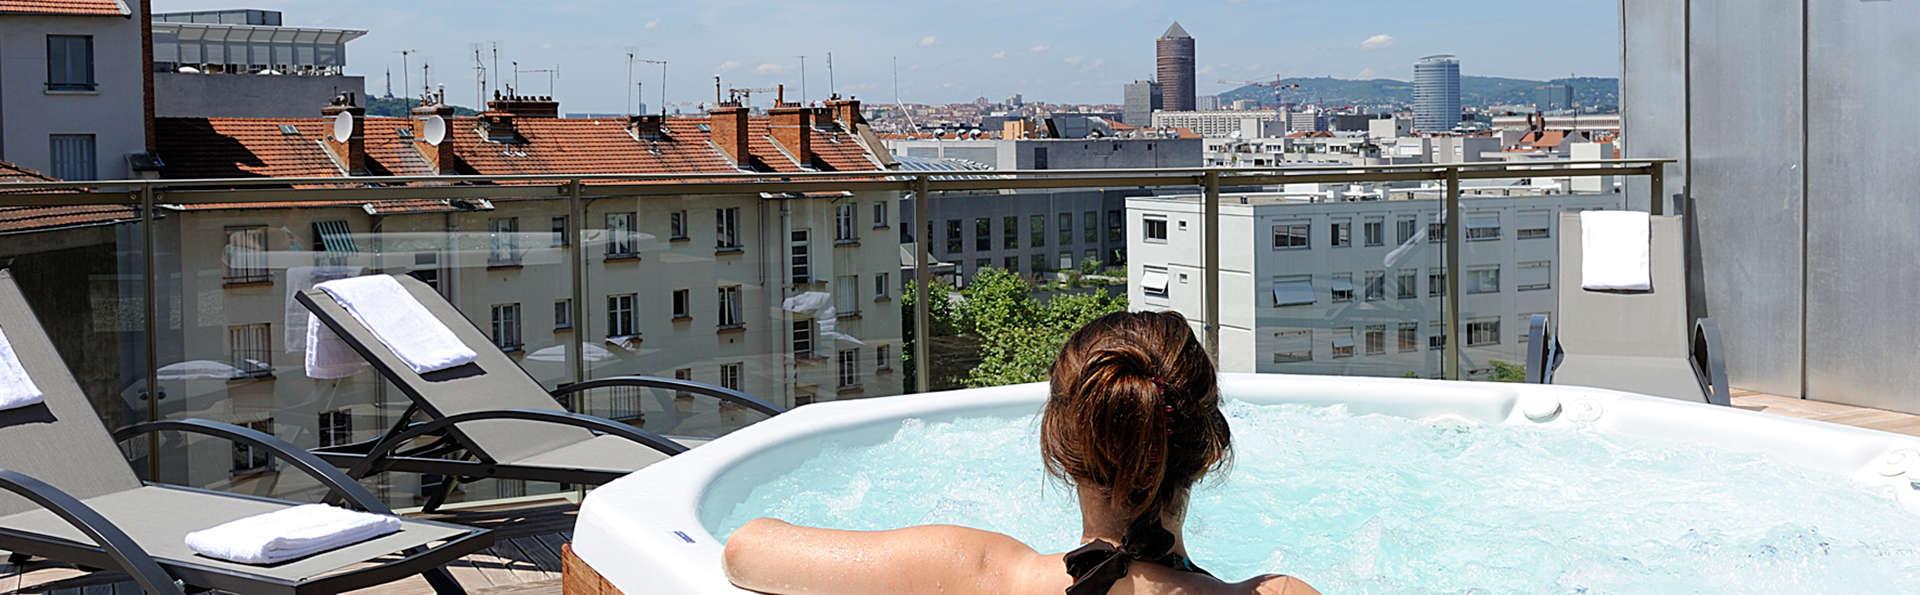 Escapada relax al corazón de la ciudad de Lyon